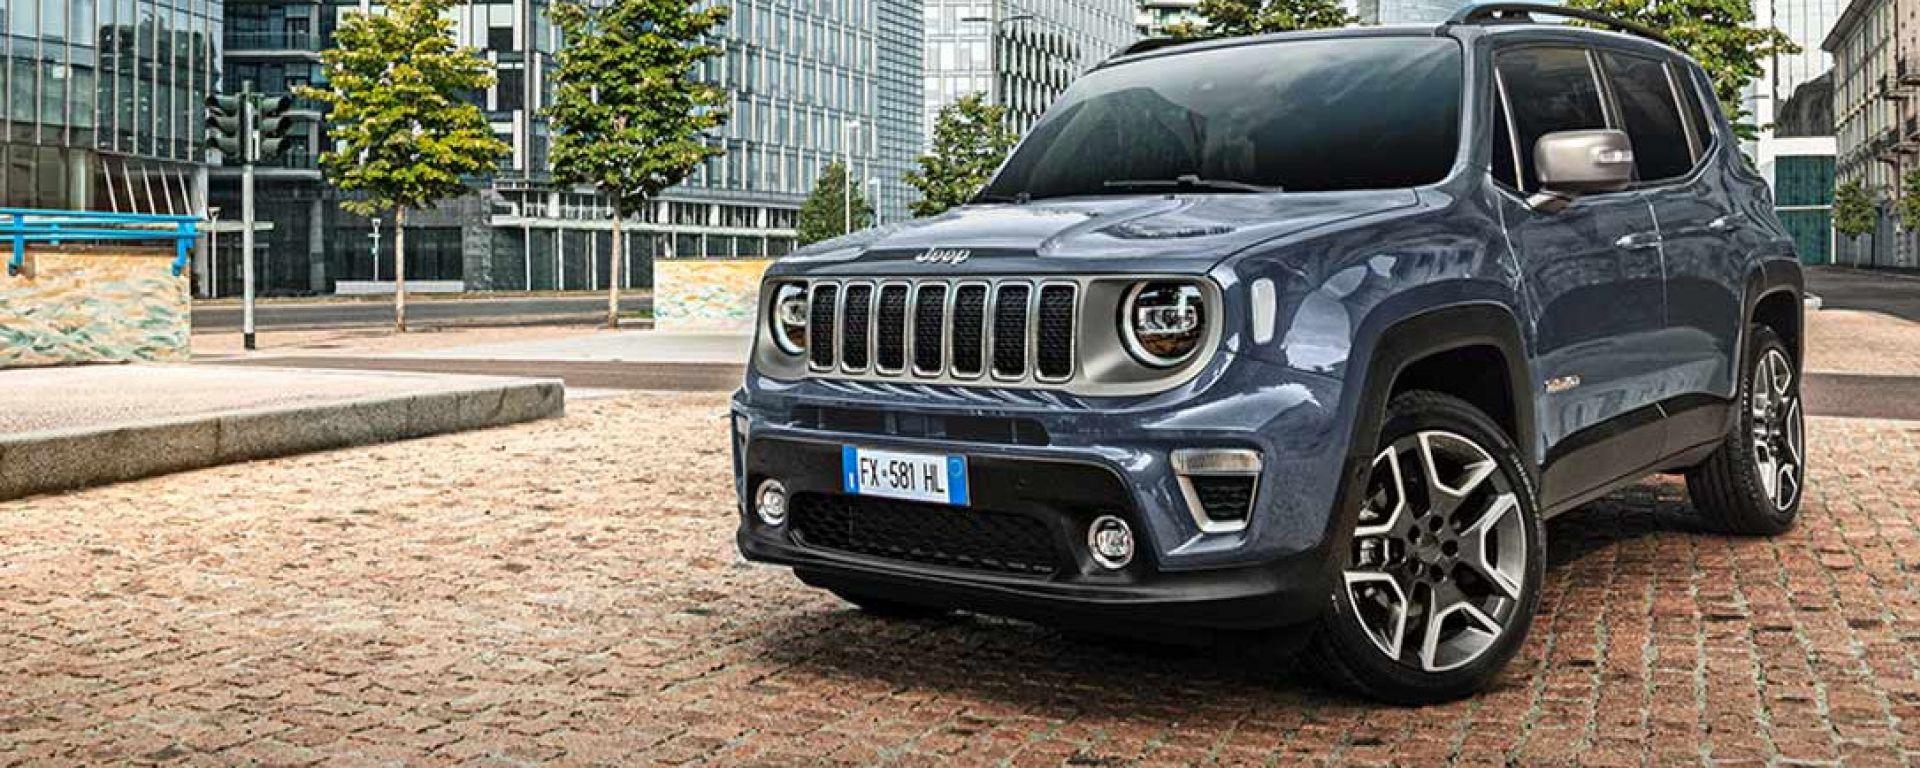 Jeep Renegade, la promo dell'autunno 2019